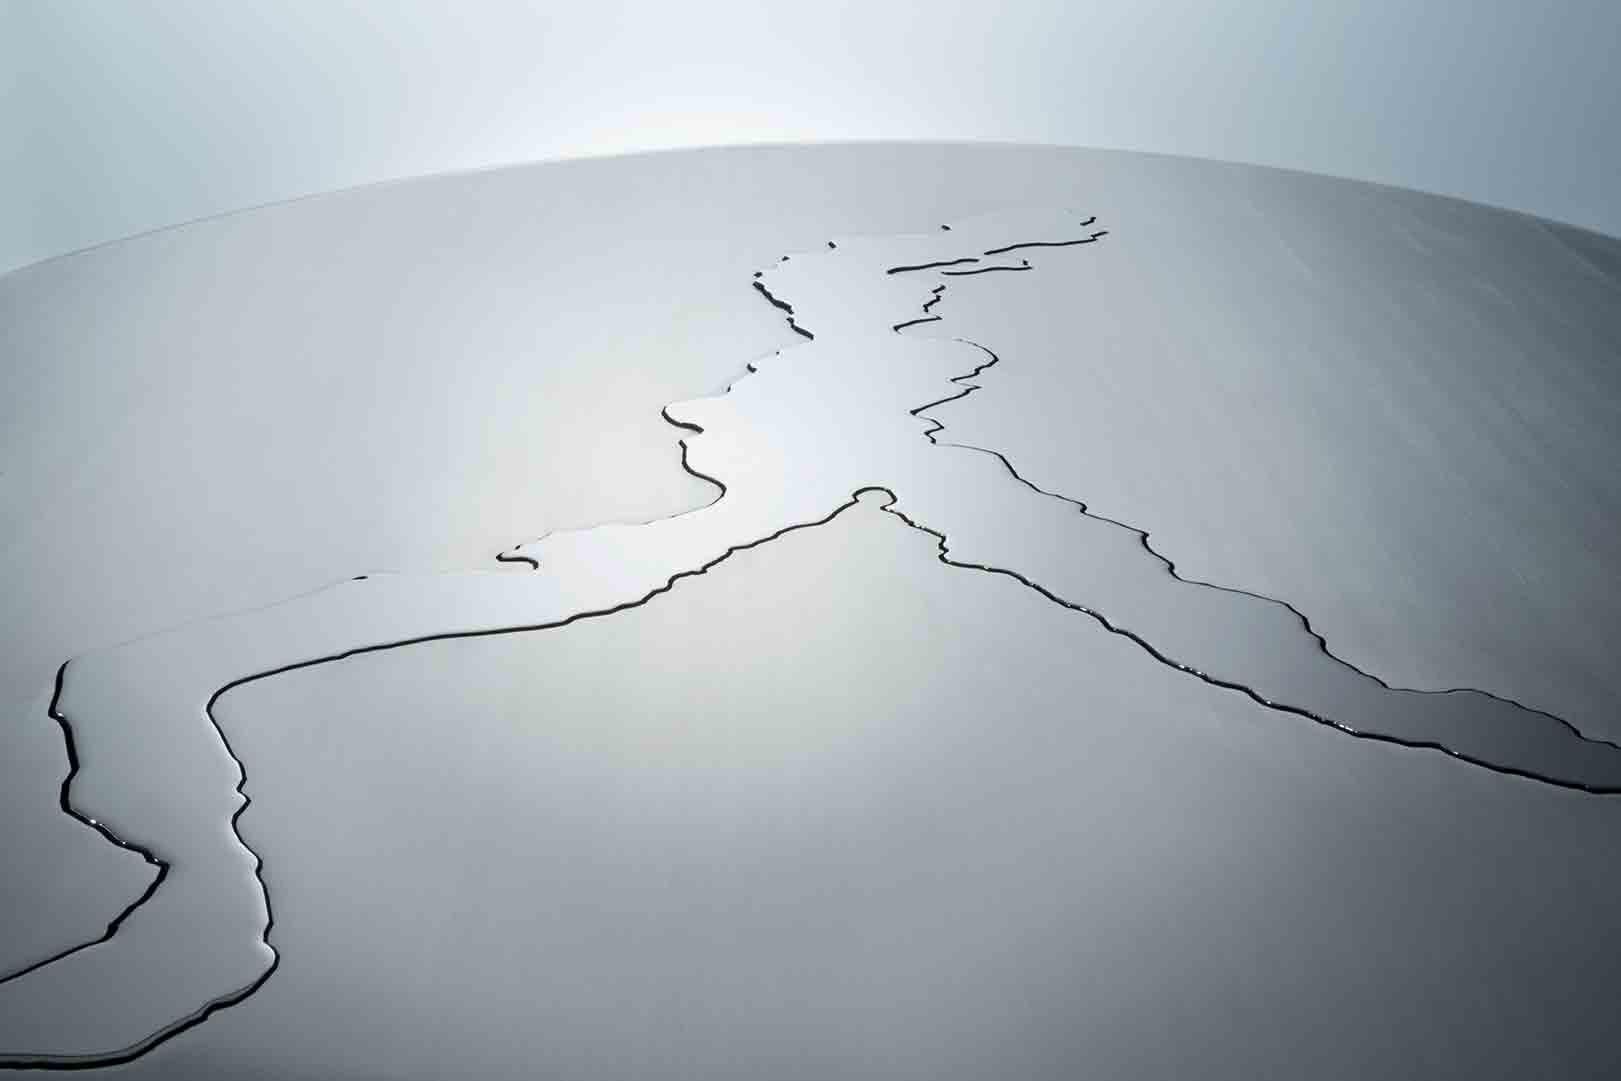 Tavolo Como Lake, dedicato al lago di Como